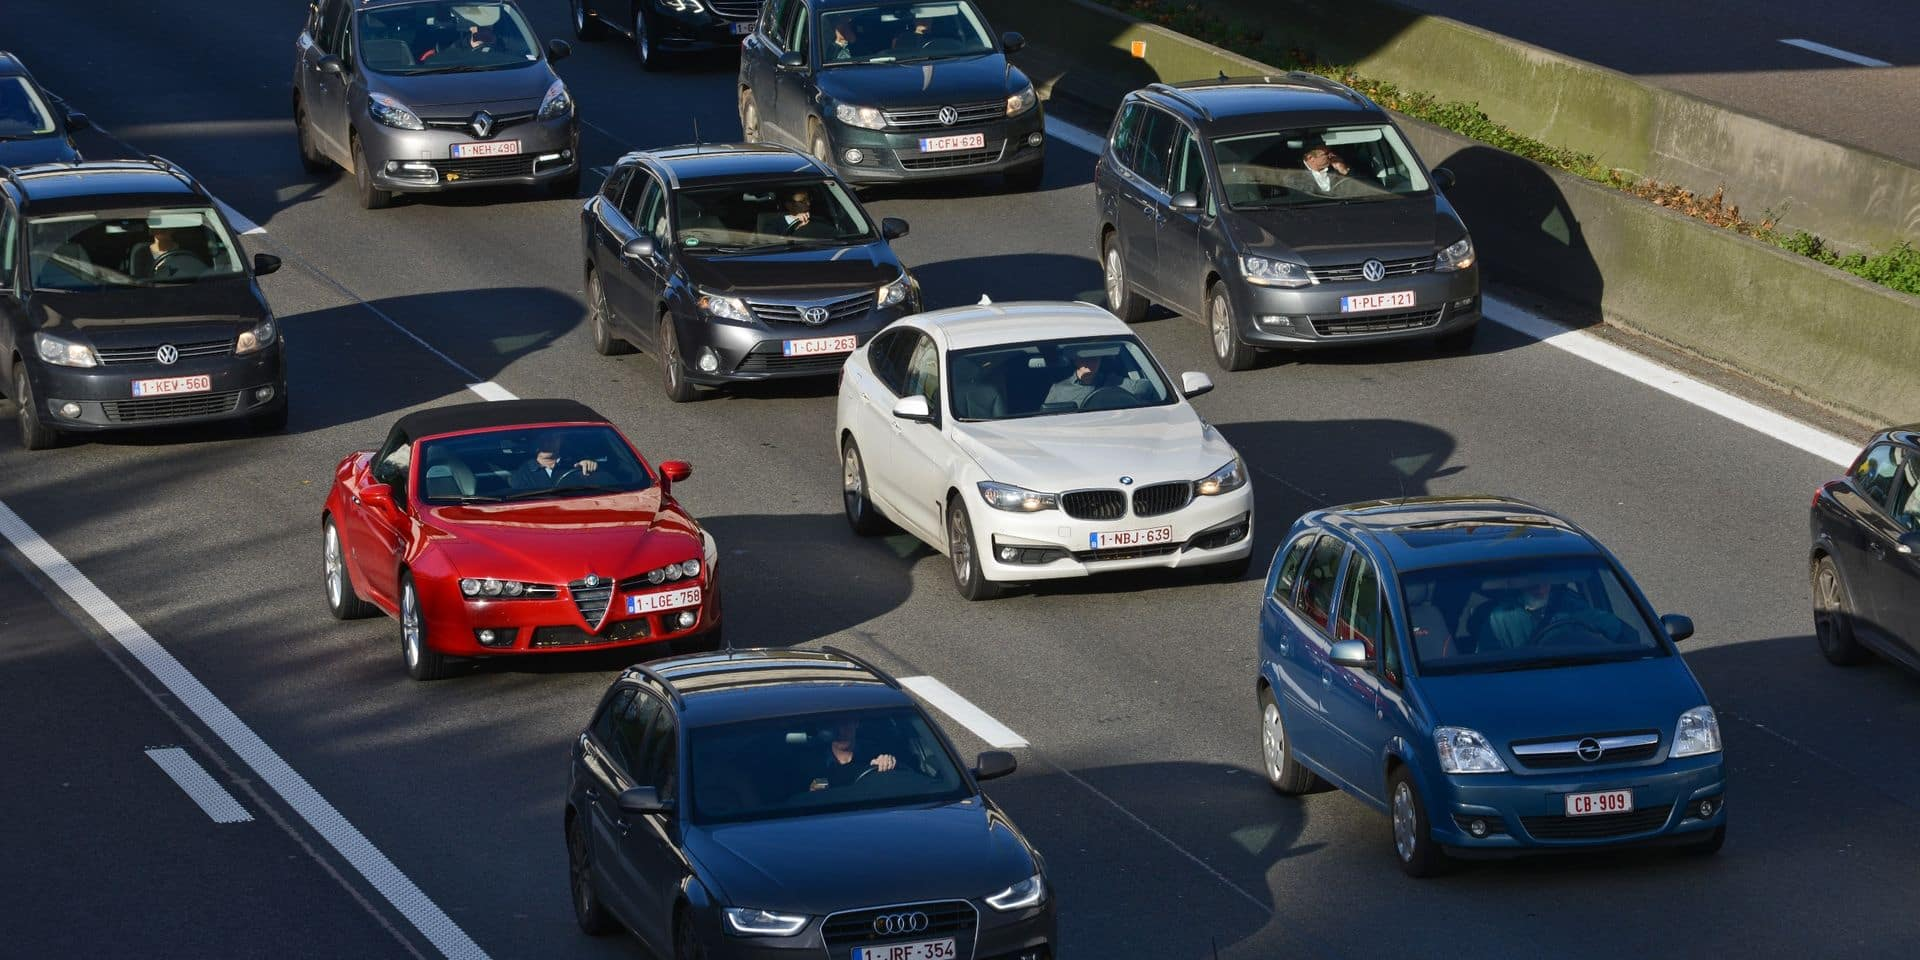 Les automobilistes devront dégager un couloir de secours en cas de file